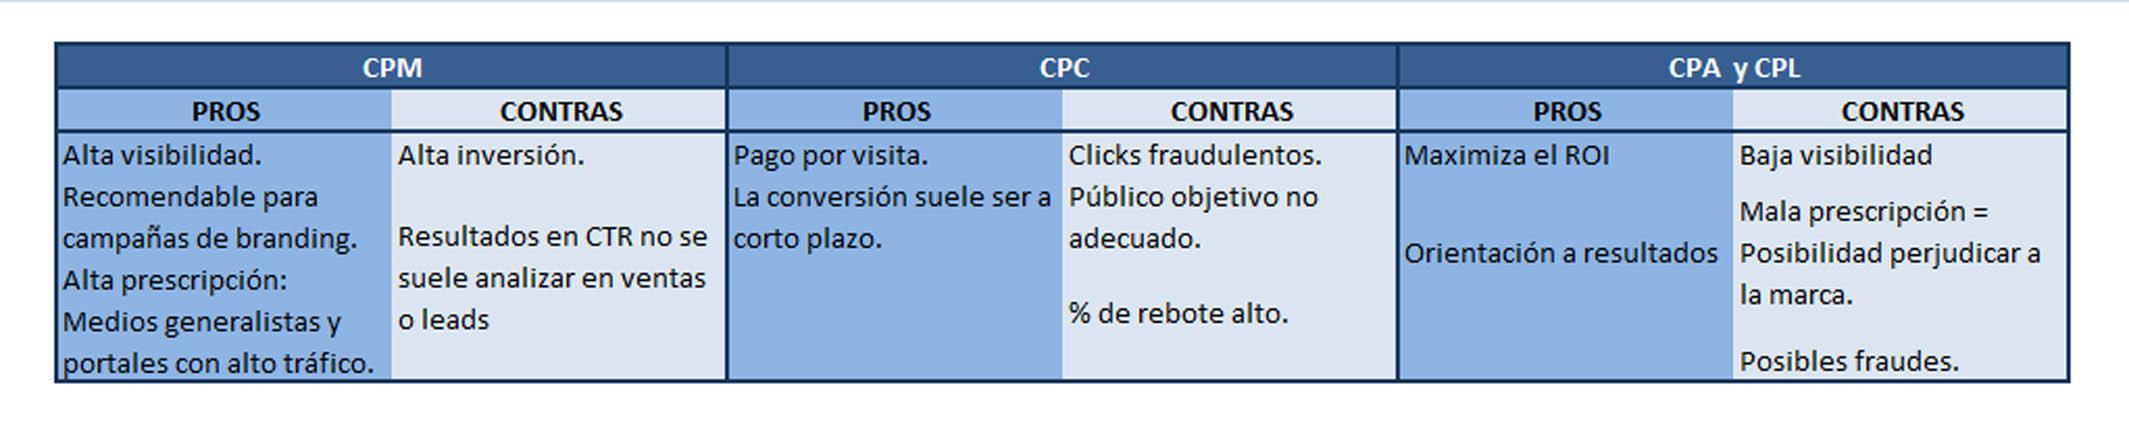 Tips för att välja den bästa onlineannonseringsmodellen (CPM, CPC, CPA eller CPL)